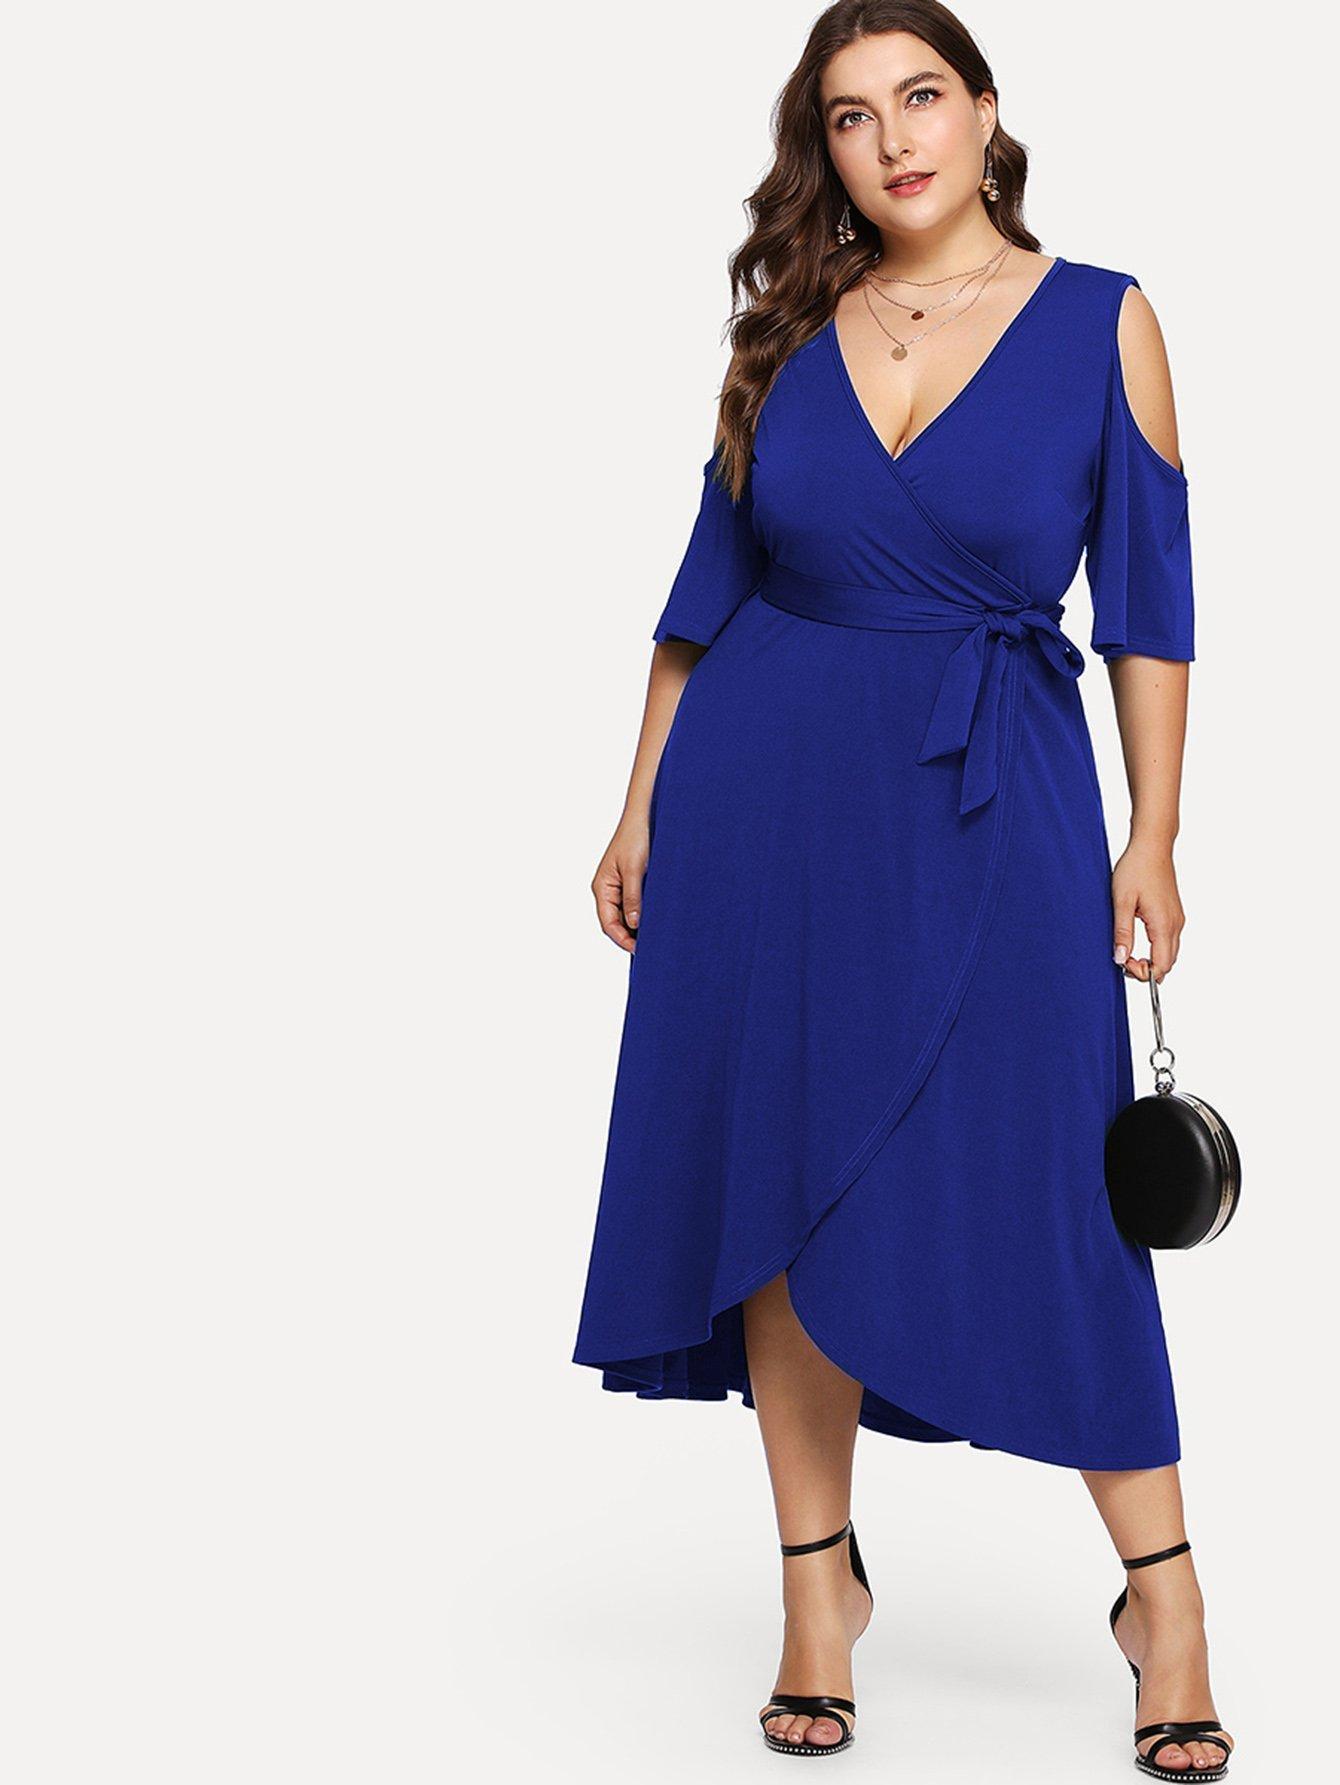 615c4e5b03028 Plus Size Dresses for sale - Plus Size Maxi Dress Online Deals ...